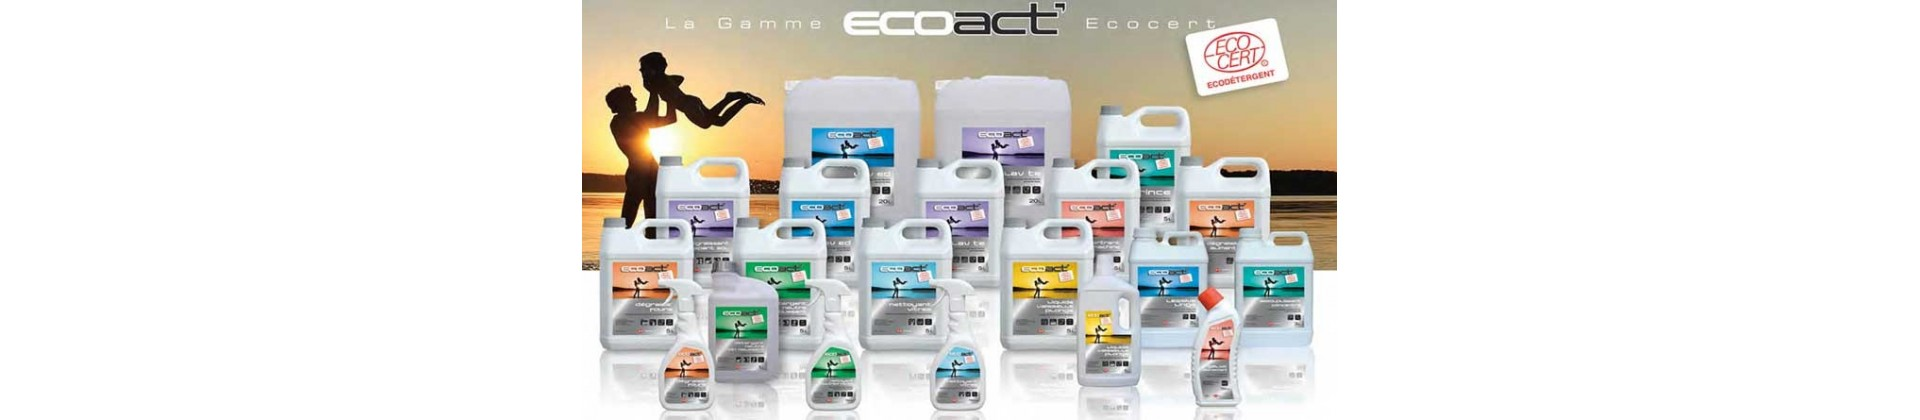 Nettoyants écologiques Ecocert